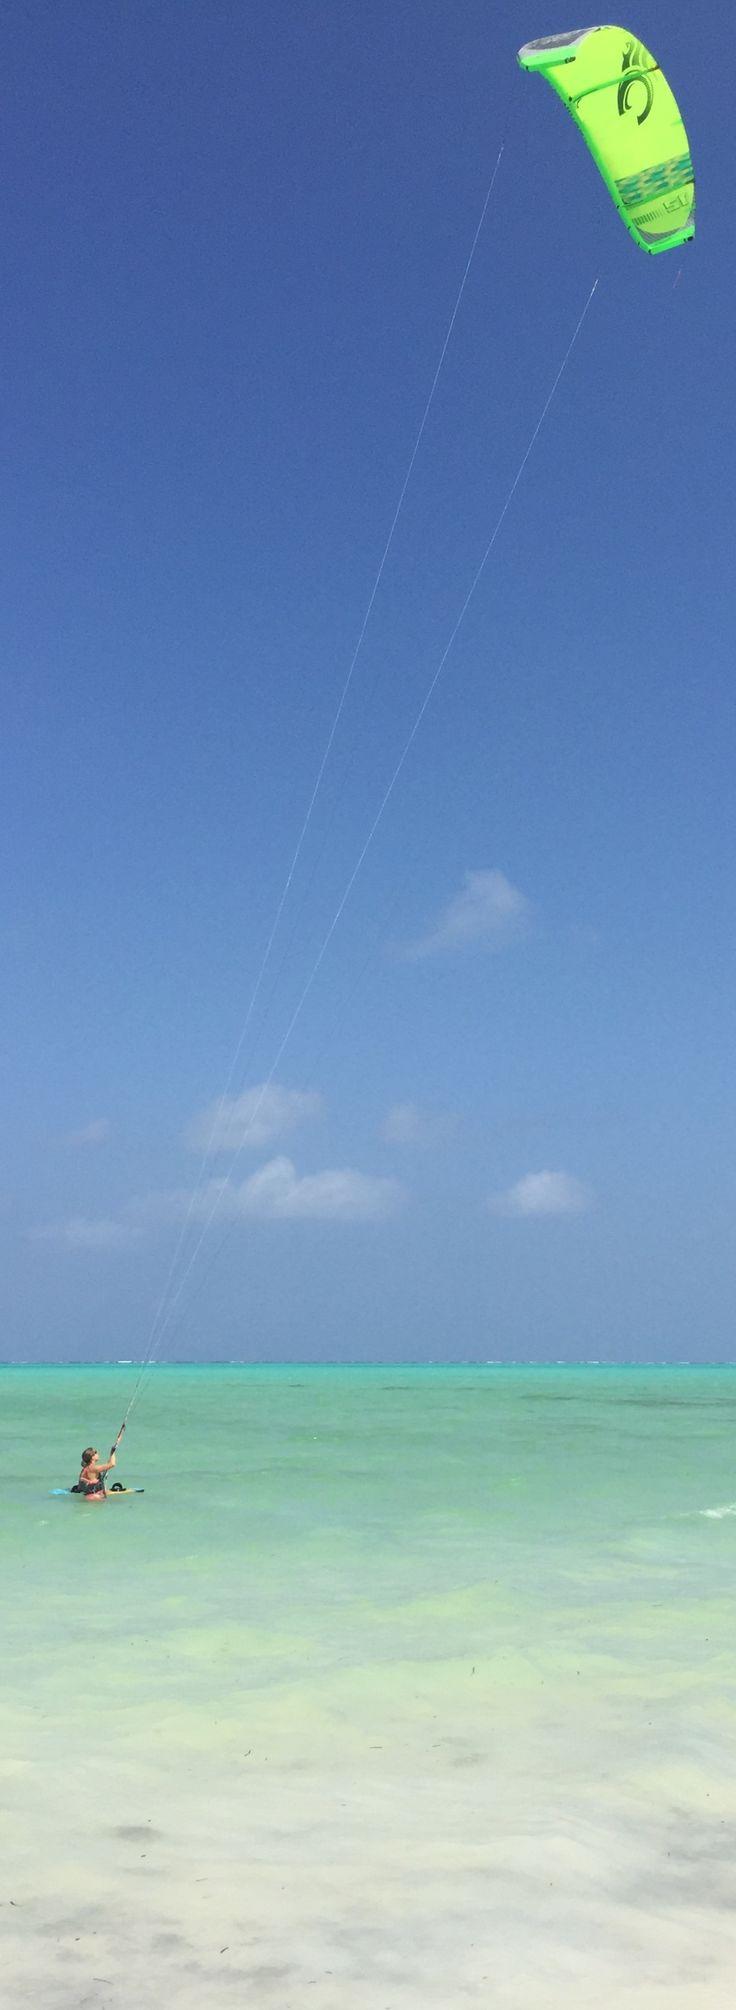 Nichts besser als das Gefühl gleich starten zu können! #kite #board #kitesurfing #zanzibar #paje #